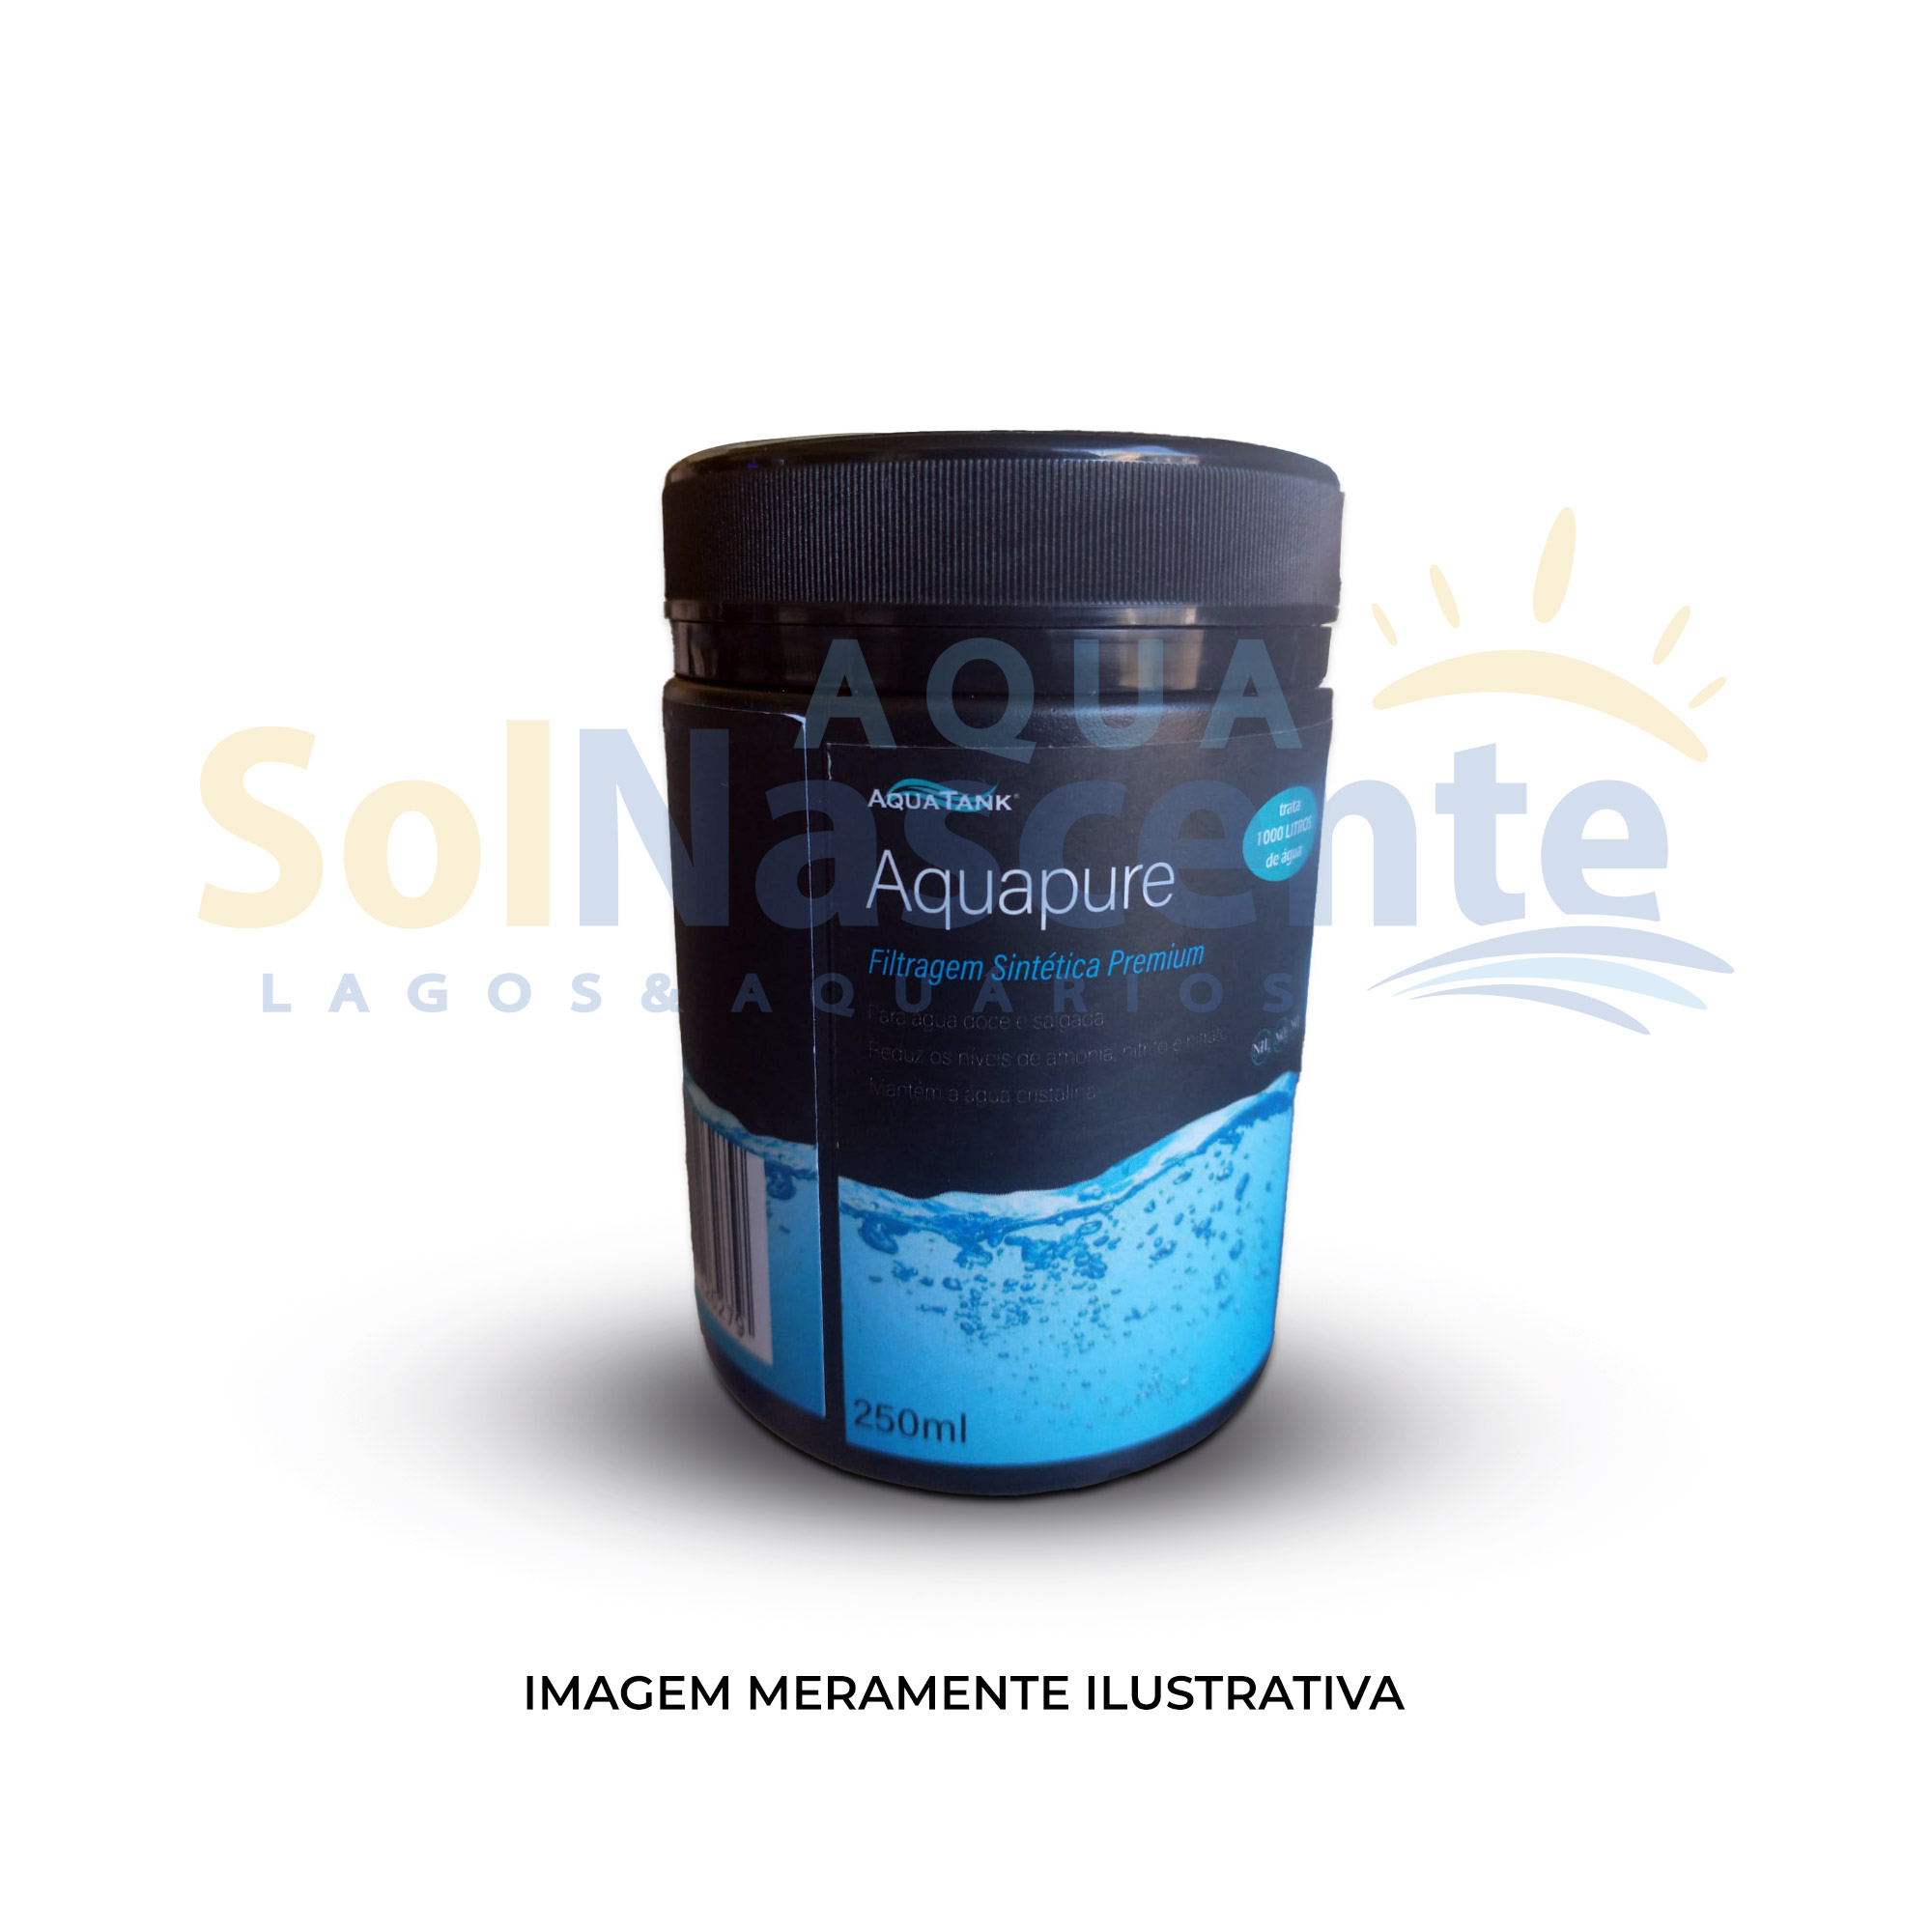 Aquatank Aquapure 250ml